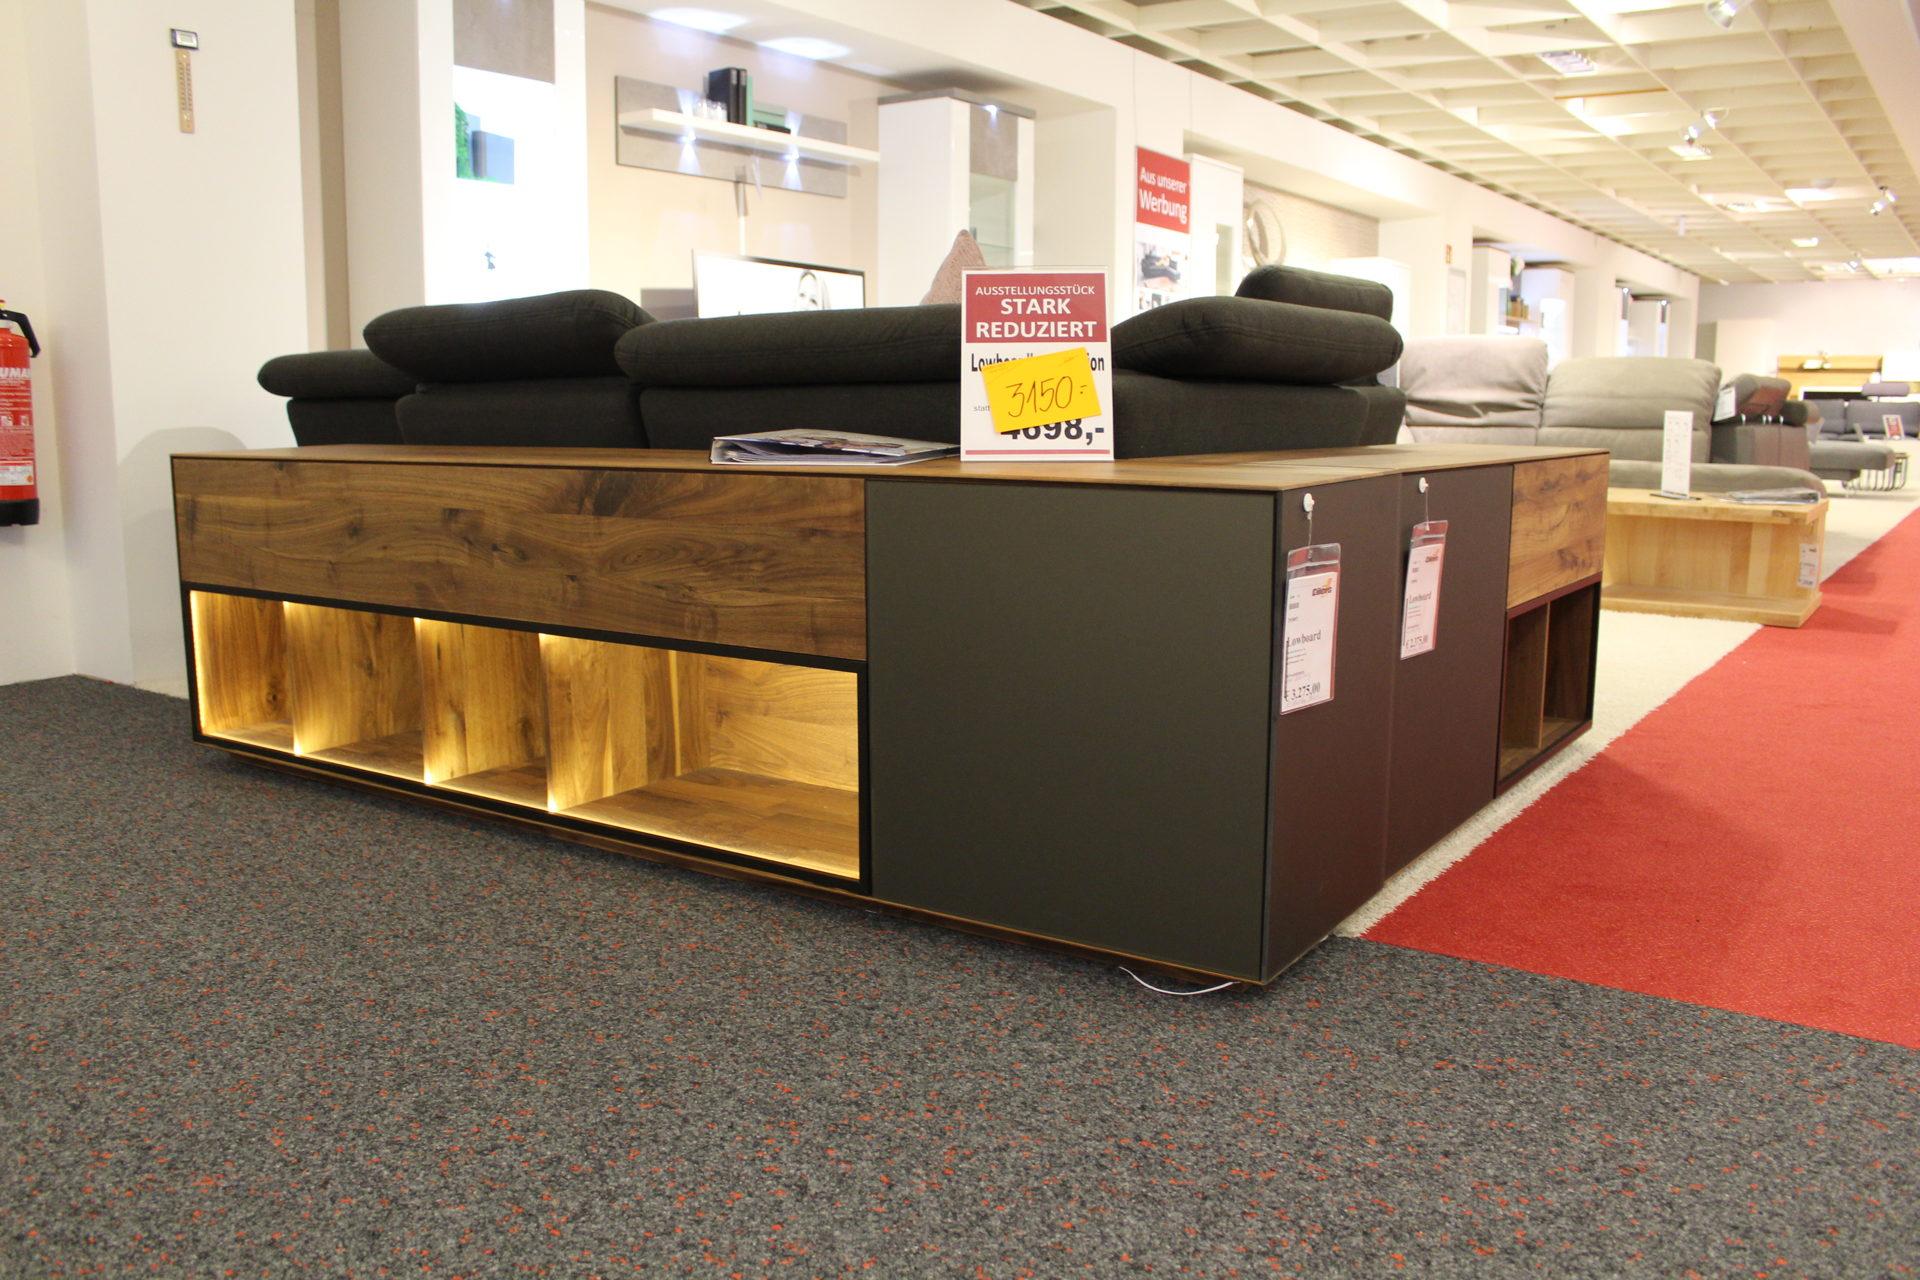 Möbel Eilers Apen Abverkauf Wohnzimmer Tv Standschrank Lowboard